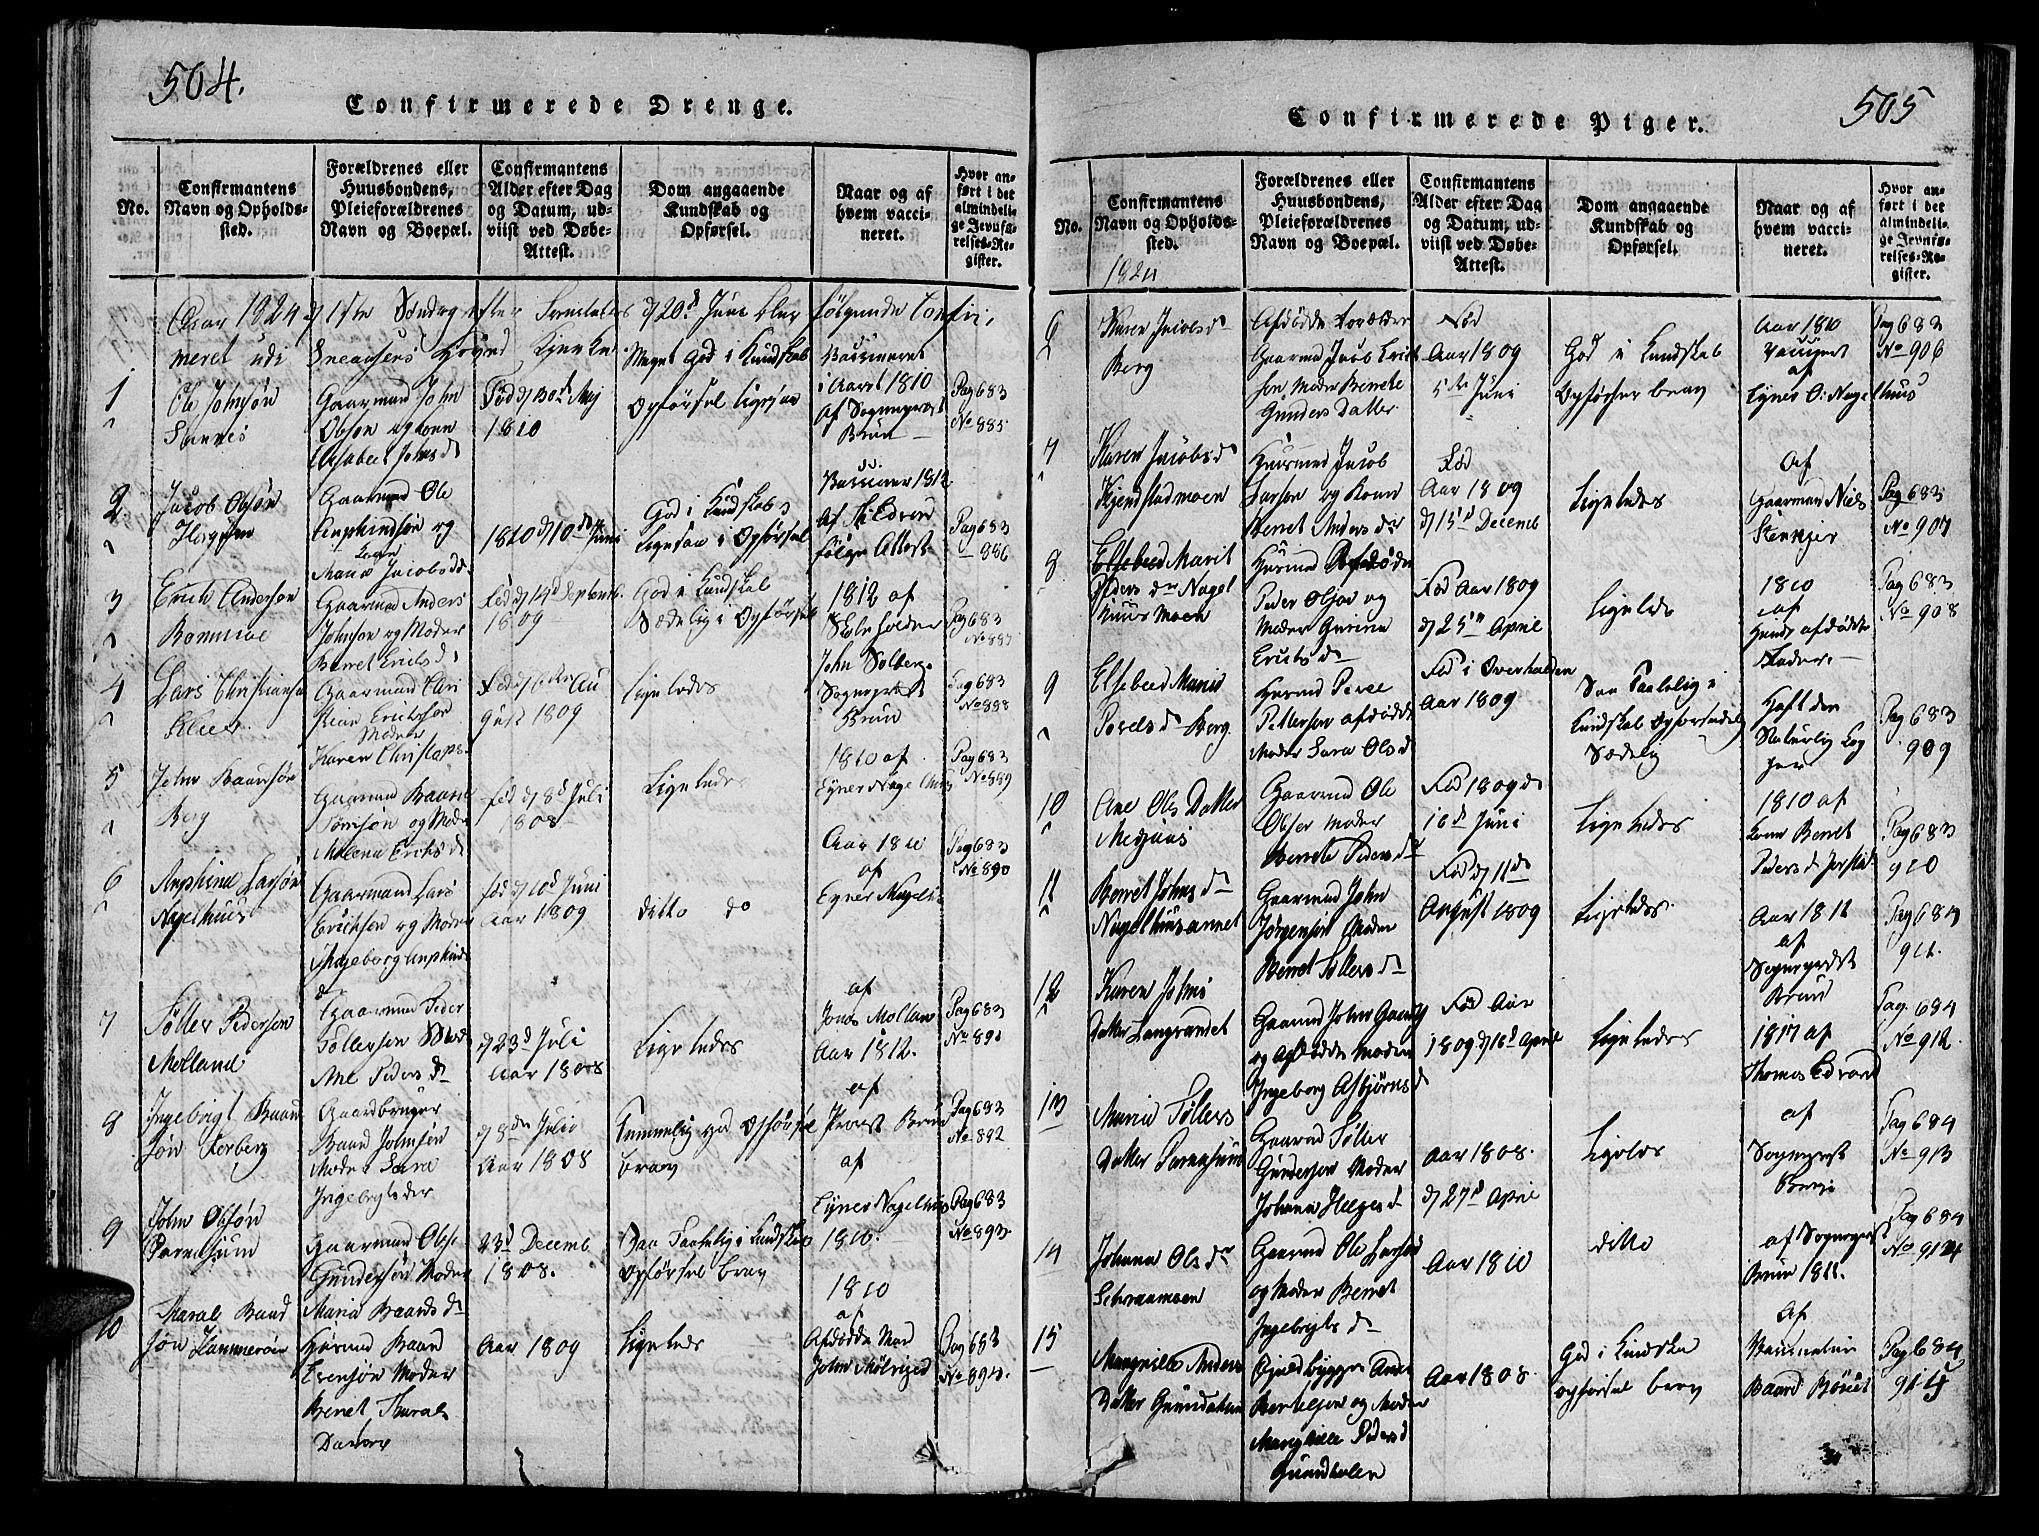 SAT, Ministerialprotokoller, klokkerbøker og fødselsregistre - Nord-Trøndelag, 749/L0479: Klokkerbok nr. 749C01, 1817-1829, s. 504-505